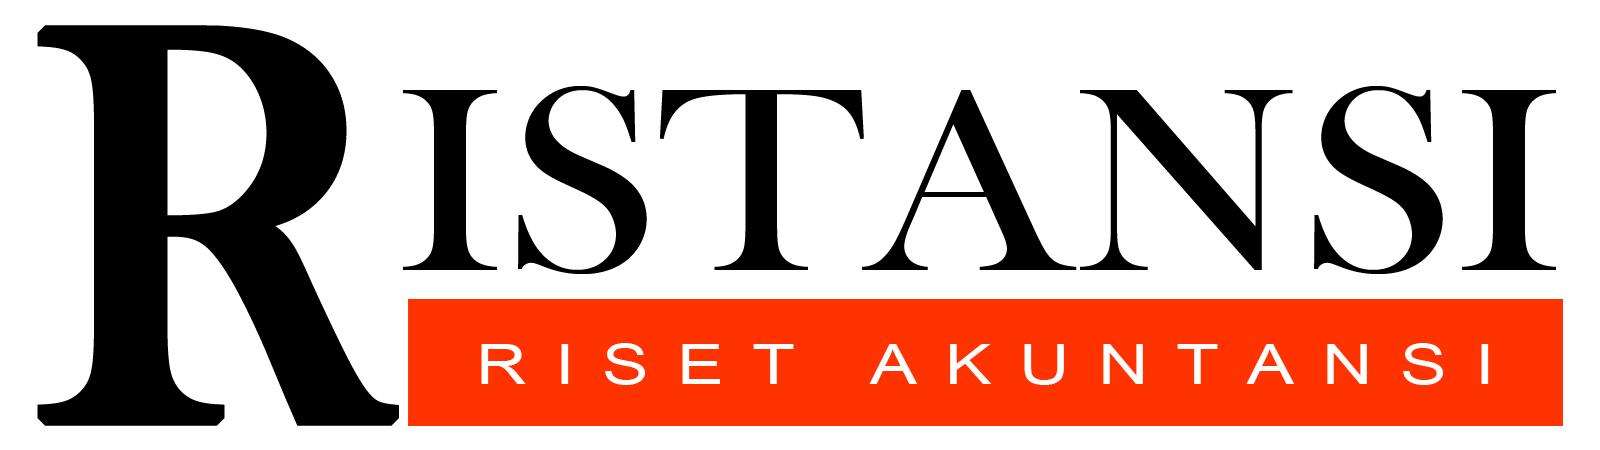 RISTANSI : Riset Akuntansi